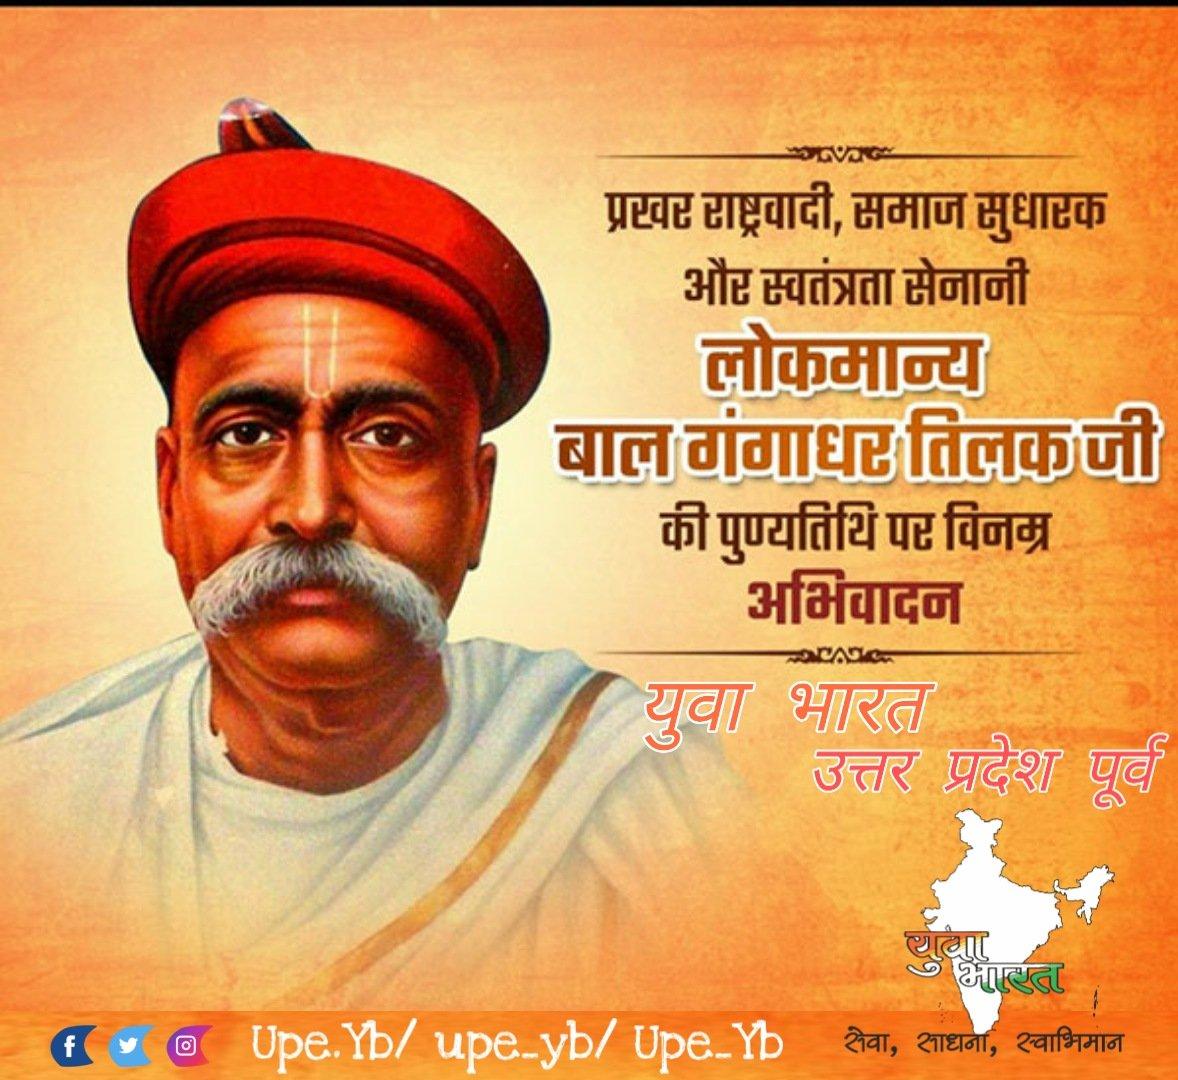 महान समाज सुधारक, विचारक और स्वतंत्रता संग्राम सेनानी लोकमान्य बाल गंगाधर तिलक जी की 100वींपुण्यतिथि पर उन्हें कोटि-कोटि नमन।  🙏🙏 [स्वराज मेरा जन्मसिद्ध अधिकार है  और मै इसे लेकर रहूँगा ] #बाल_गंगाधर_तिलक  #लोकमान्य_बाल_गंगाधर_तिलक  #YuvaBharat #YuvaBharatUpEast @yuvabharatkp